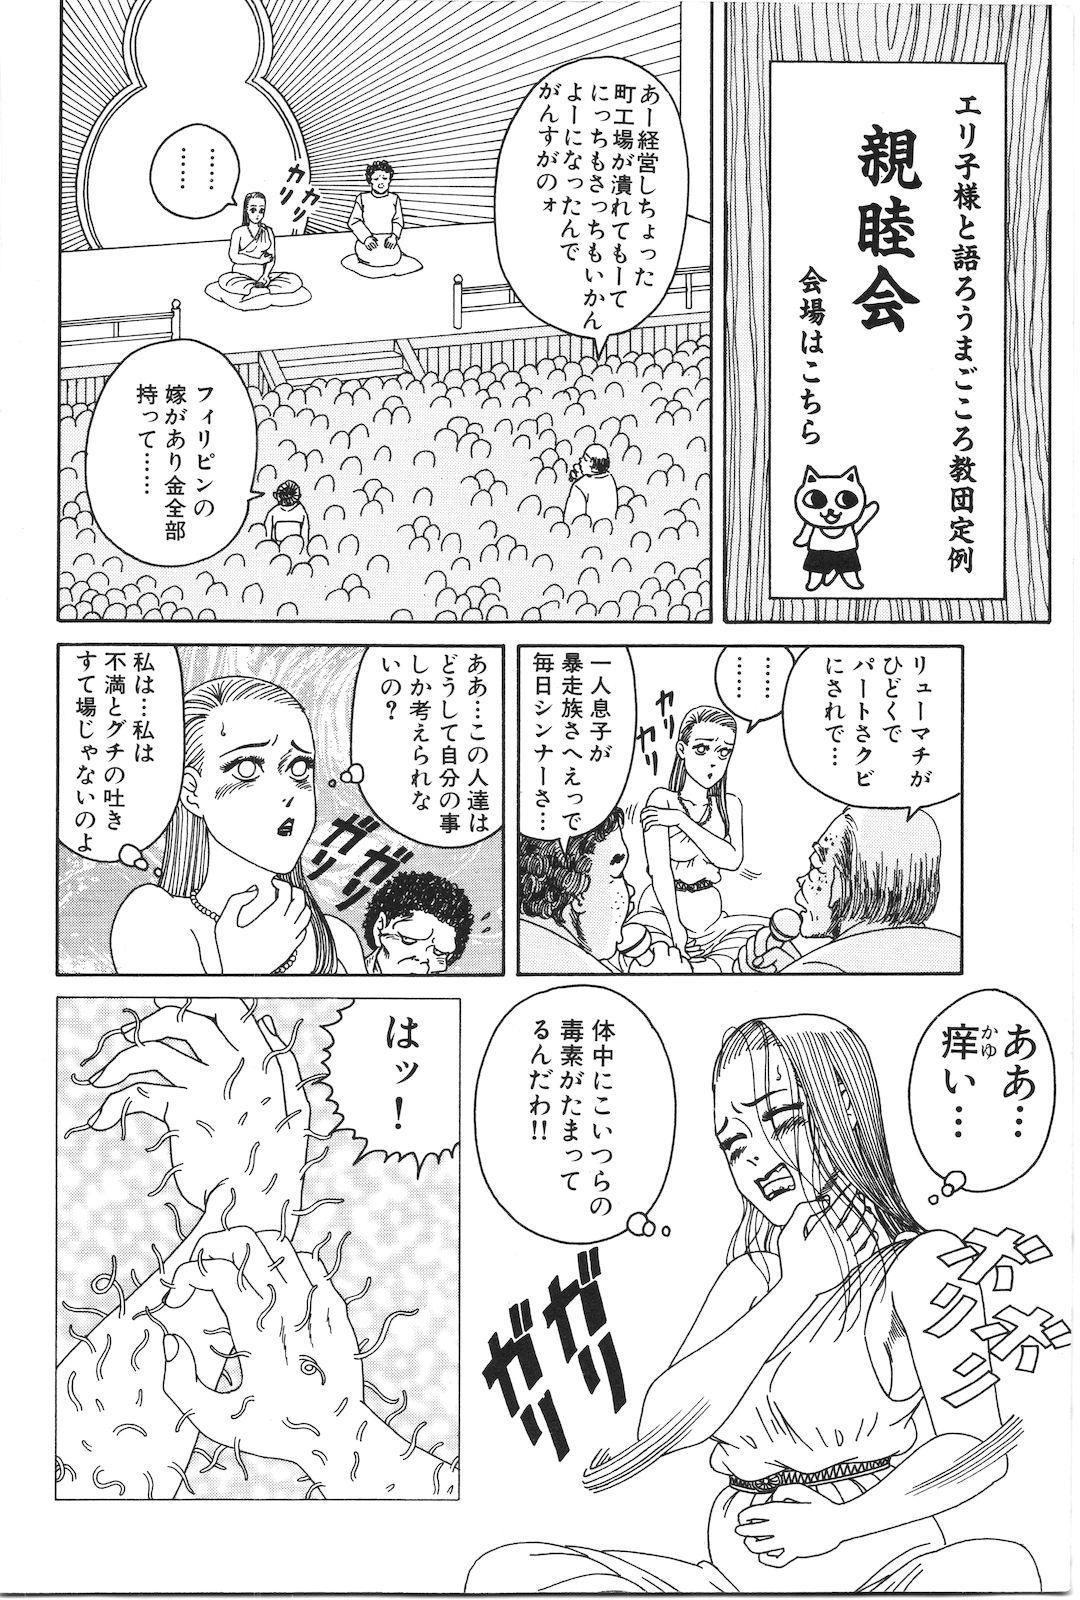 Dobusarai Gekijou 243